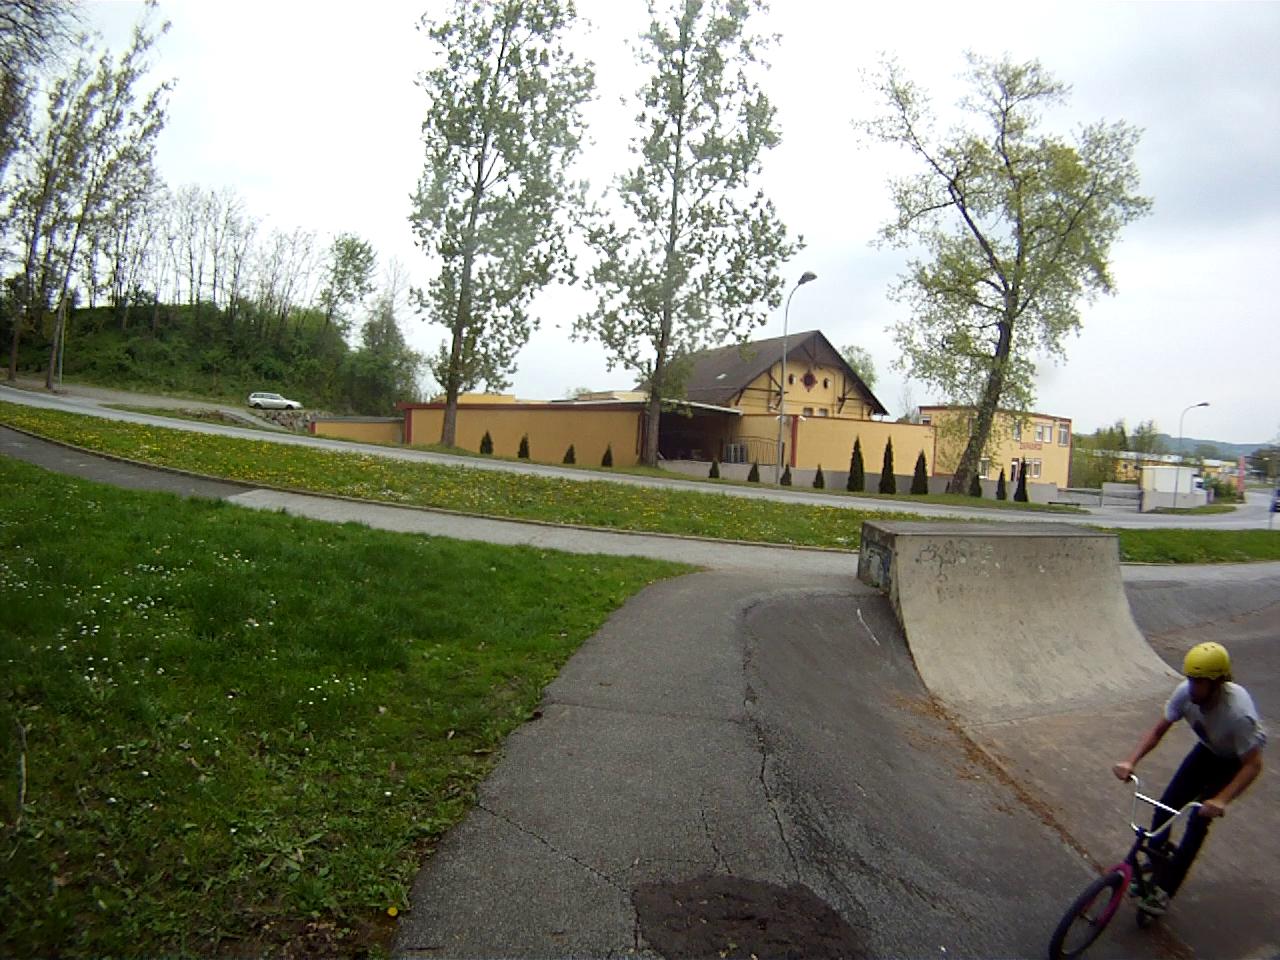 454 Anzeigen in Fahrrder - Fahrrder / Radsport - Willhaben